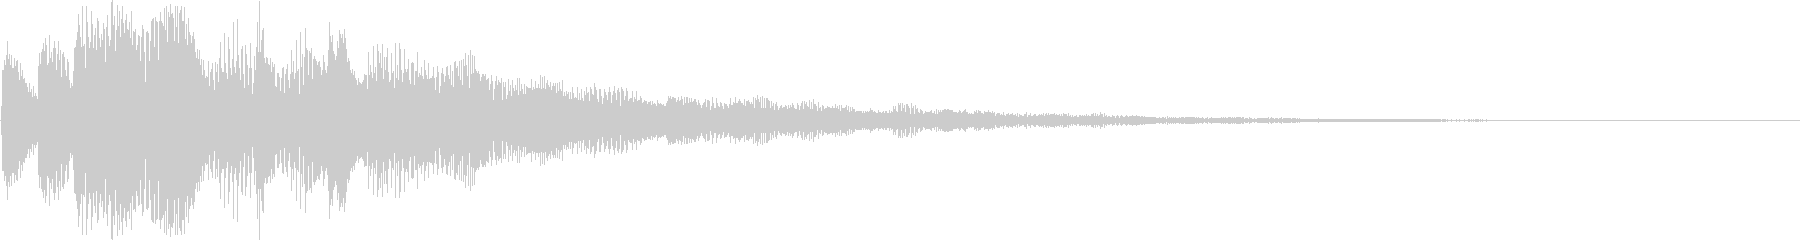 チャララーン(タイトル、トピックス)の未再生の波形